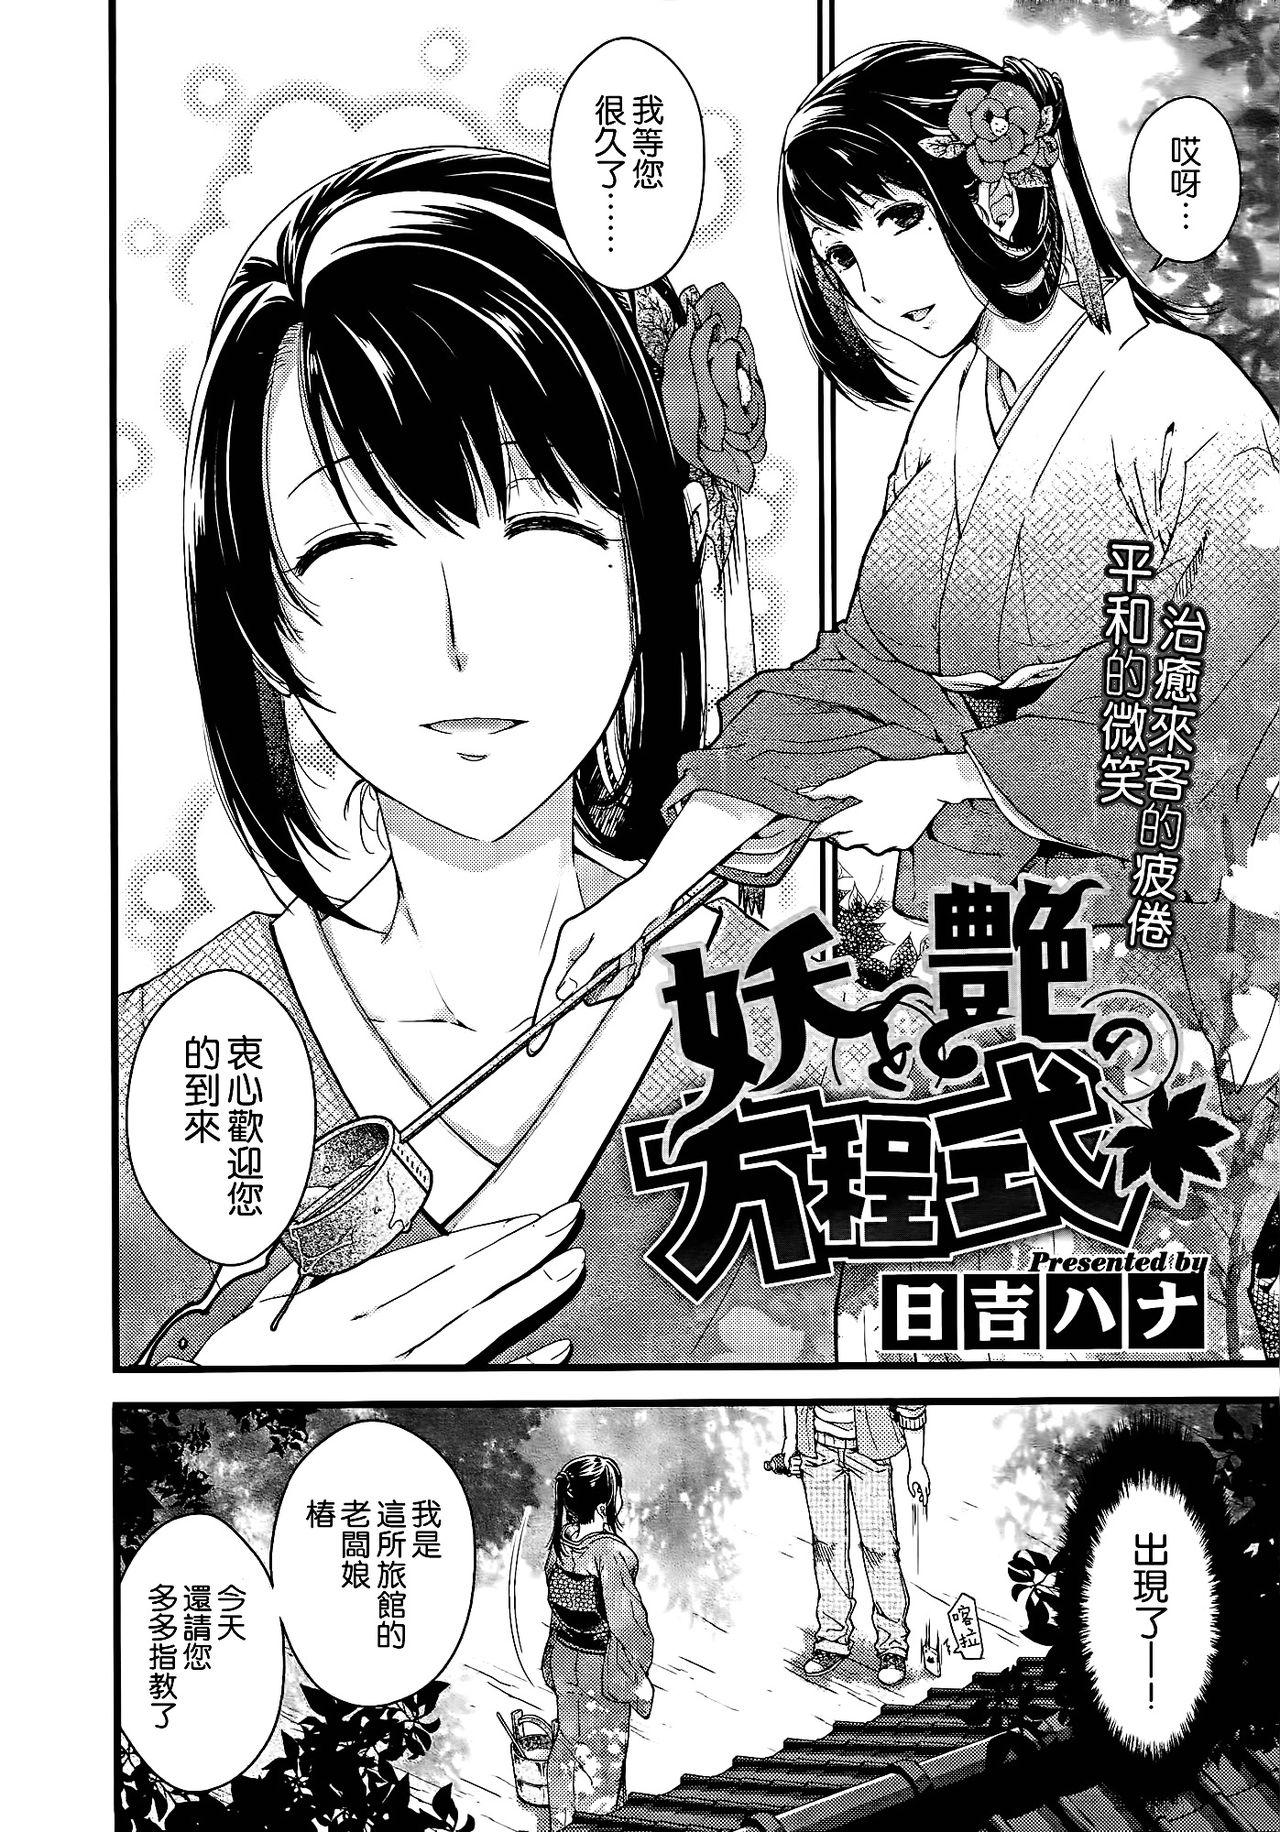 Youma to Tsuya no Houteishiki 1